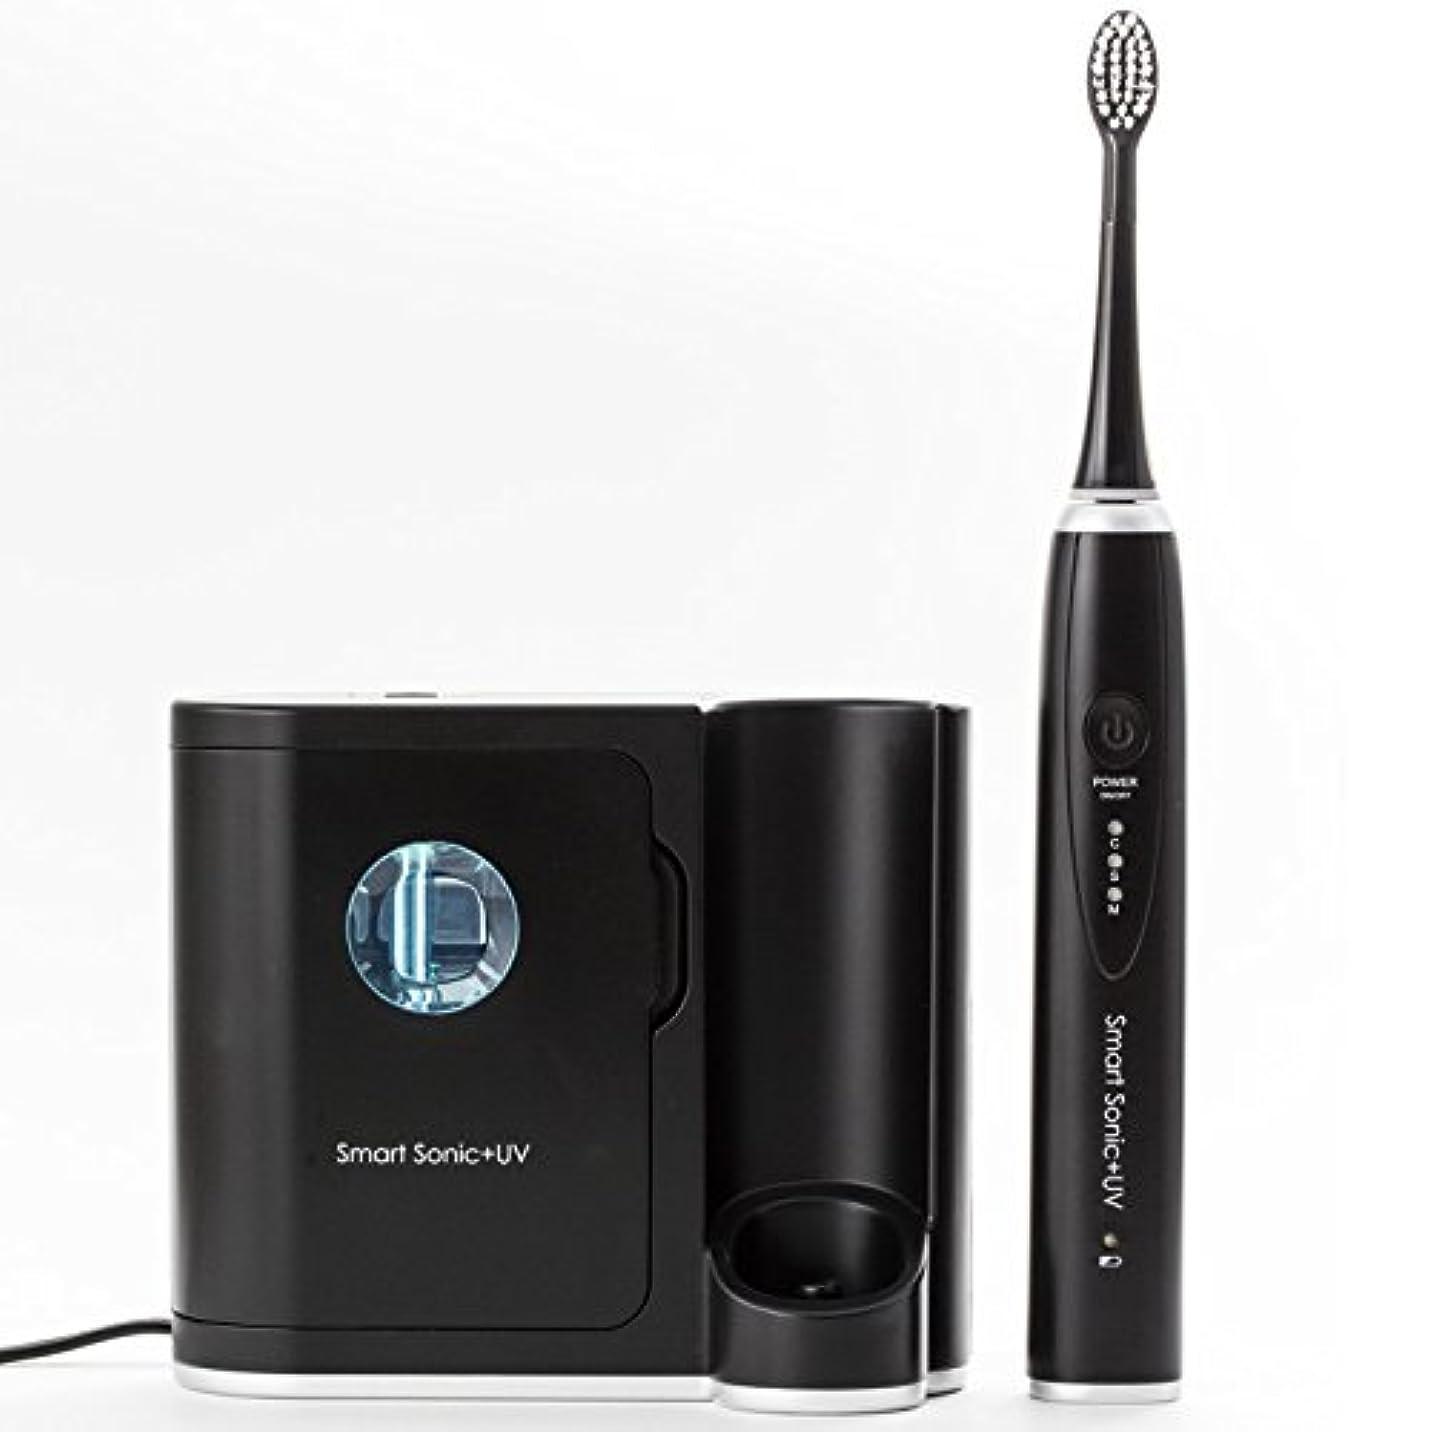 無駄ふさわしい百年音波歯ブラシ UV 紫外線除菌 歯ブラシ 殺菌機能付き 電動歯ブラシ スマートソニック プラス UV Smart Sonic UV